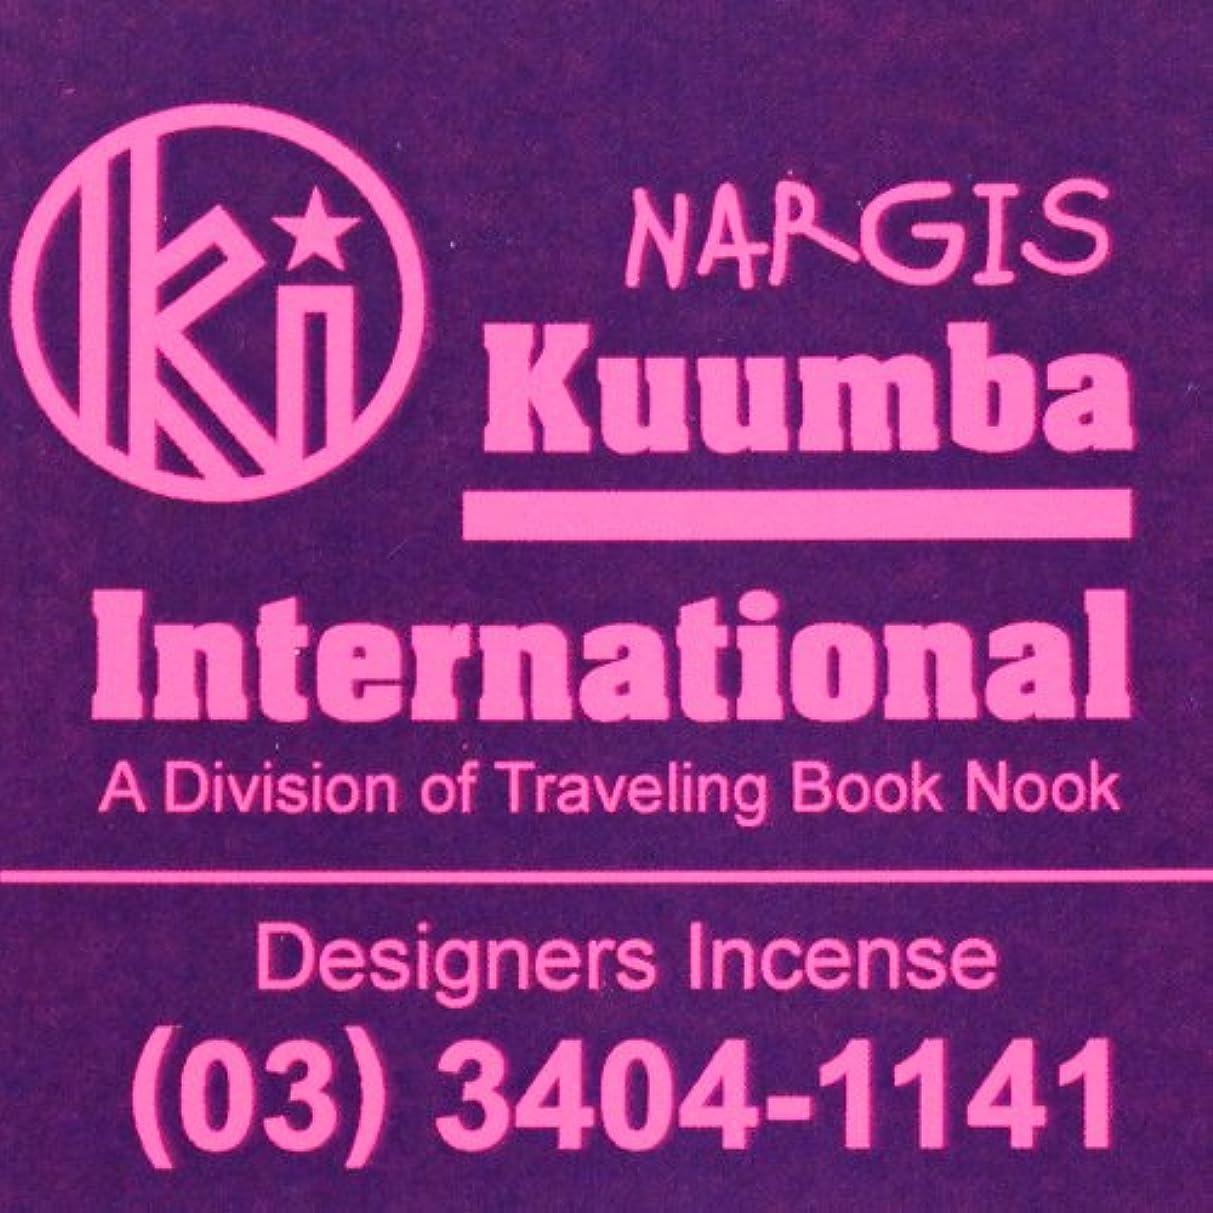 ディスク考え正当化する(クンバ) KUUMBA『classic regular incense』(NARGIS) (Regular size)